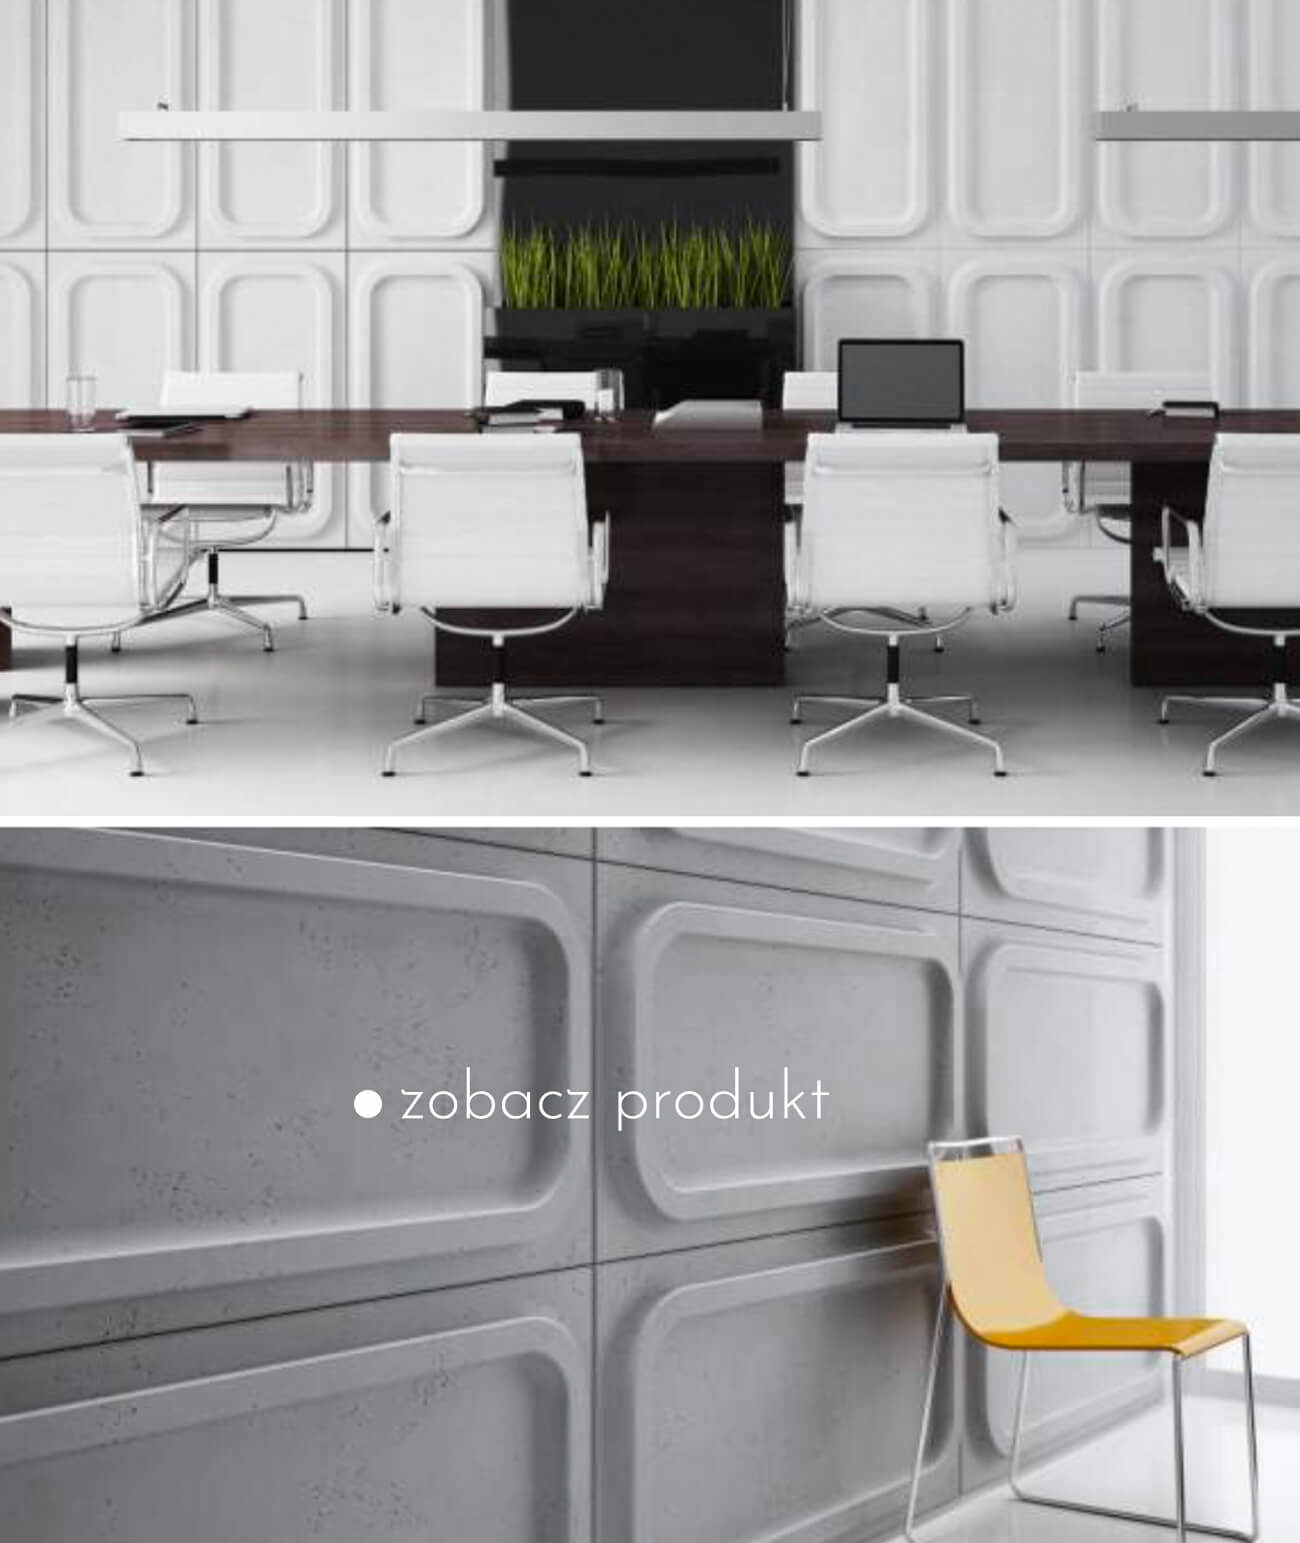 panele-betonowe-3d-scienne-i-elewacyjne-beton-architektoniczny_530-2979-pb19-s96-ciemny-szary-modul-o---panel-dekor-3d-beton-architektoniczny-panel-scienny